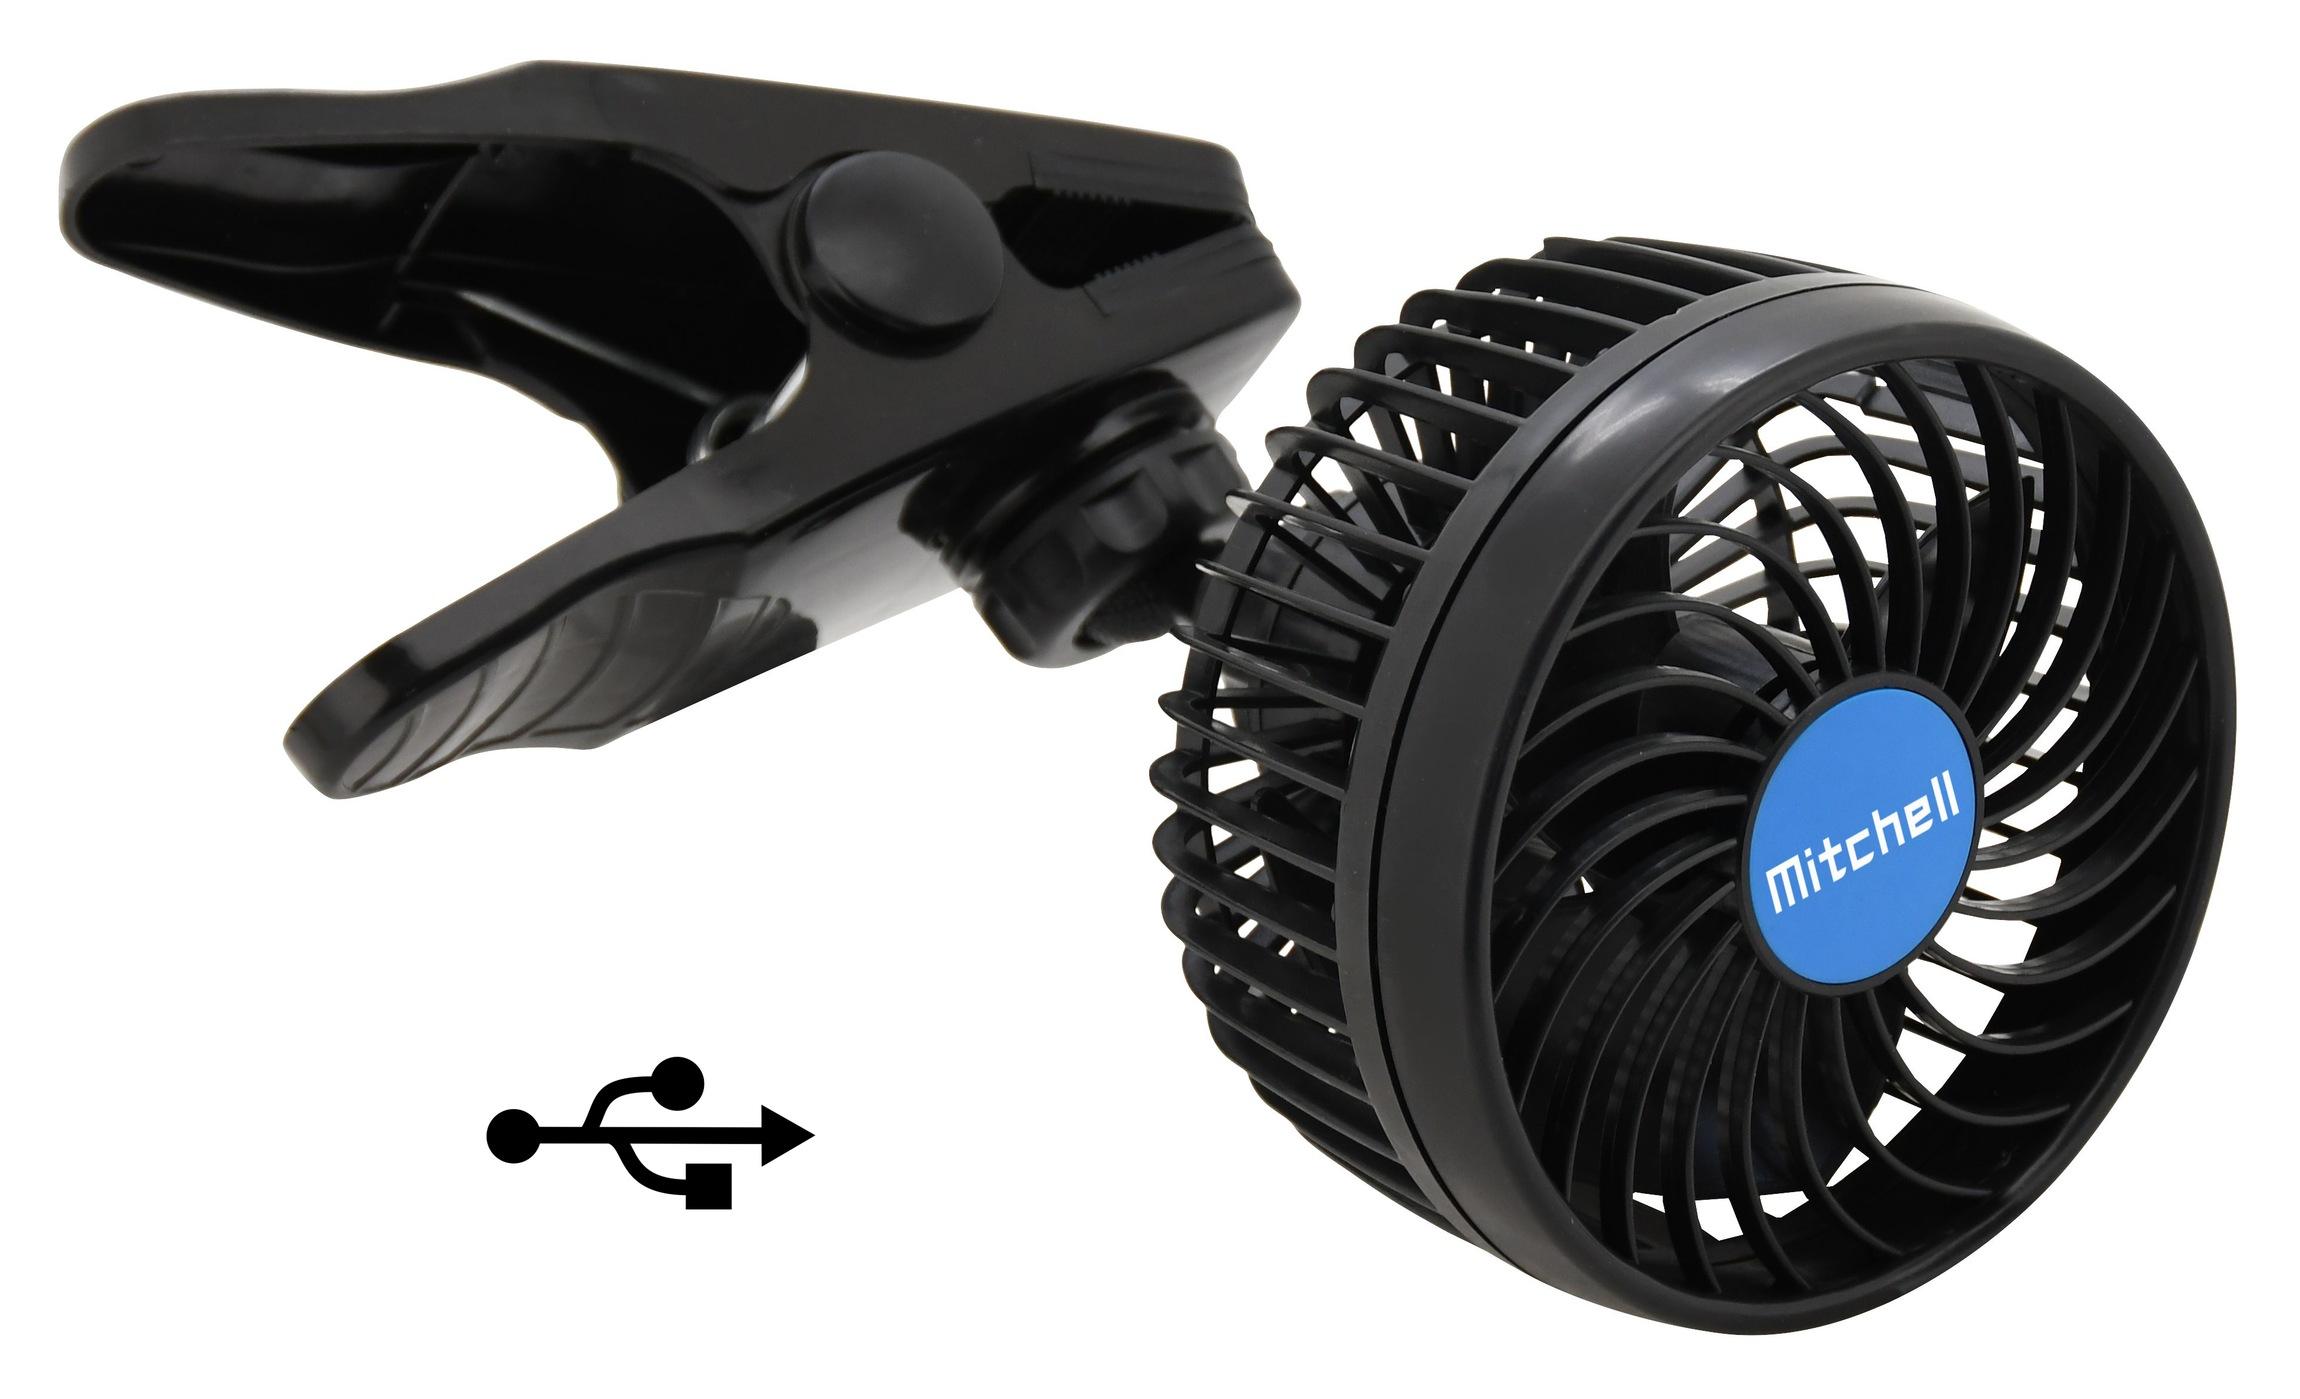 Ventilátor MITCHELL 115mm USB 5V klips